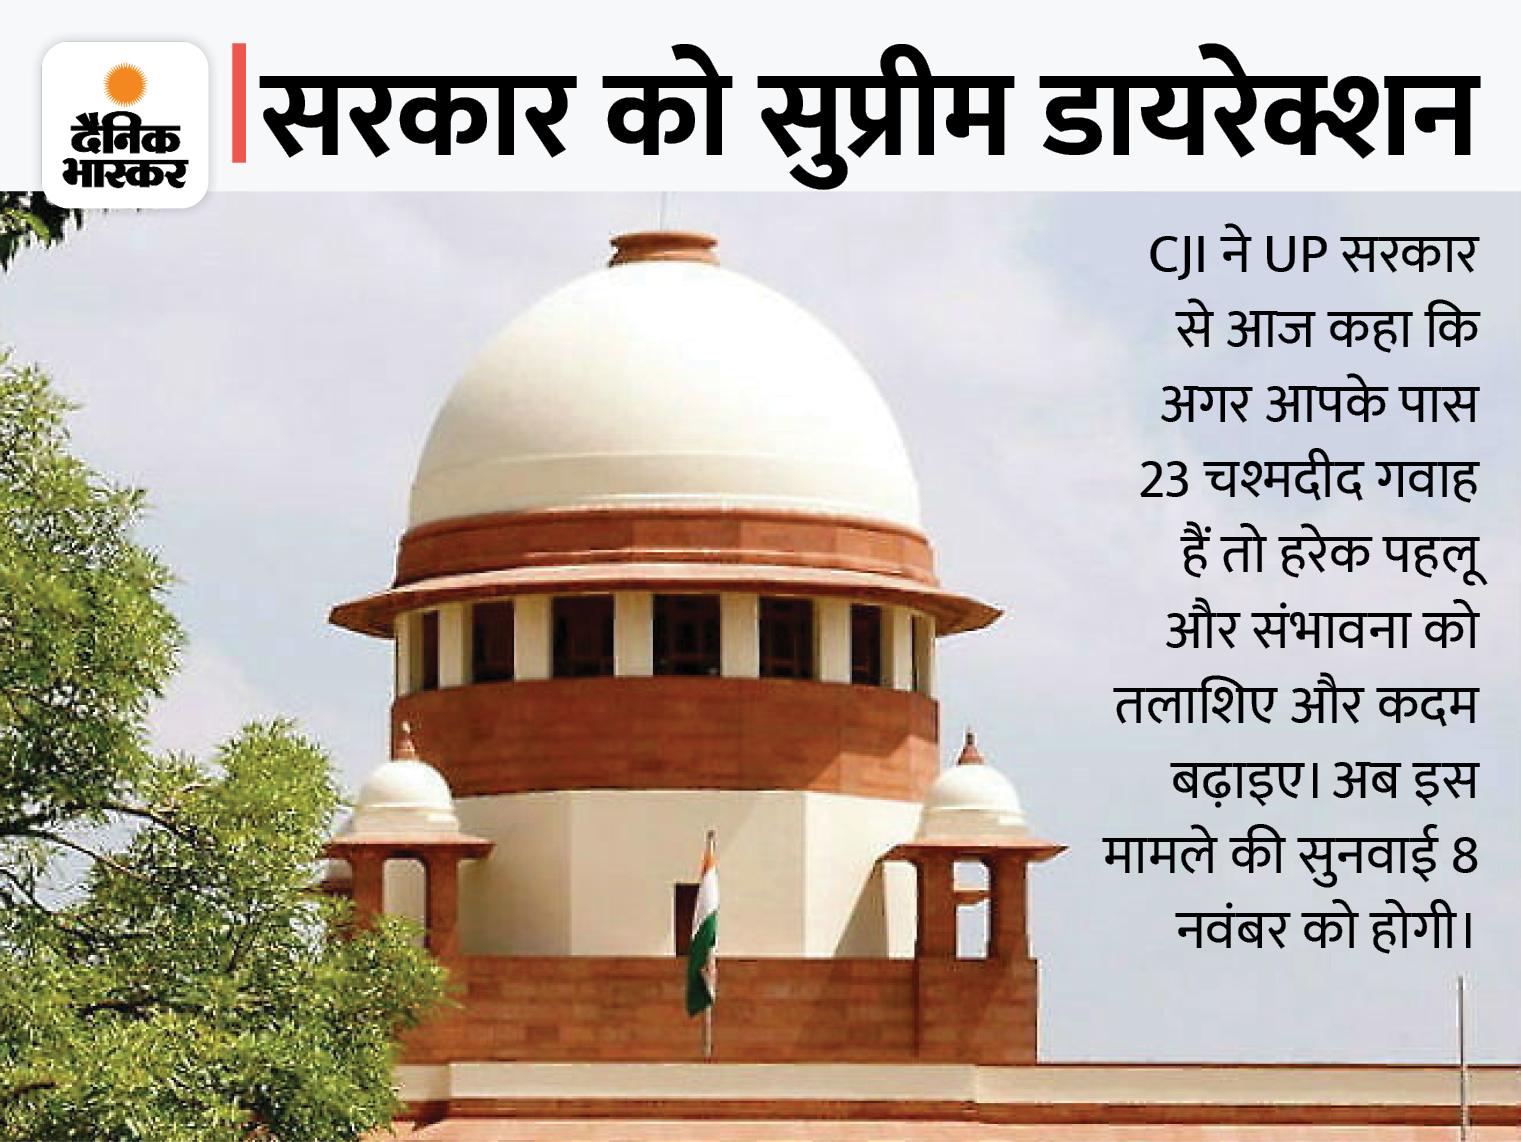 CJI रमन्ना ने UP सरकार से पूछा- लखीमपुर हिंसा में हजारों किसान मौजूद थे और सिर्फ 23 चश्मदीद गवाह मिले? देश,National - Dainik Bhaskar